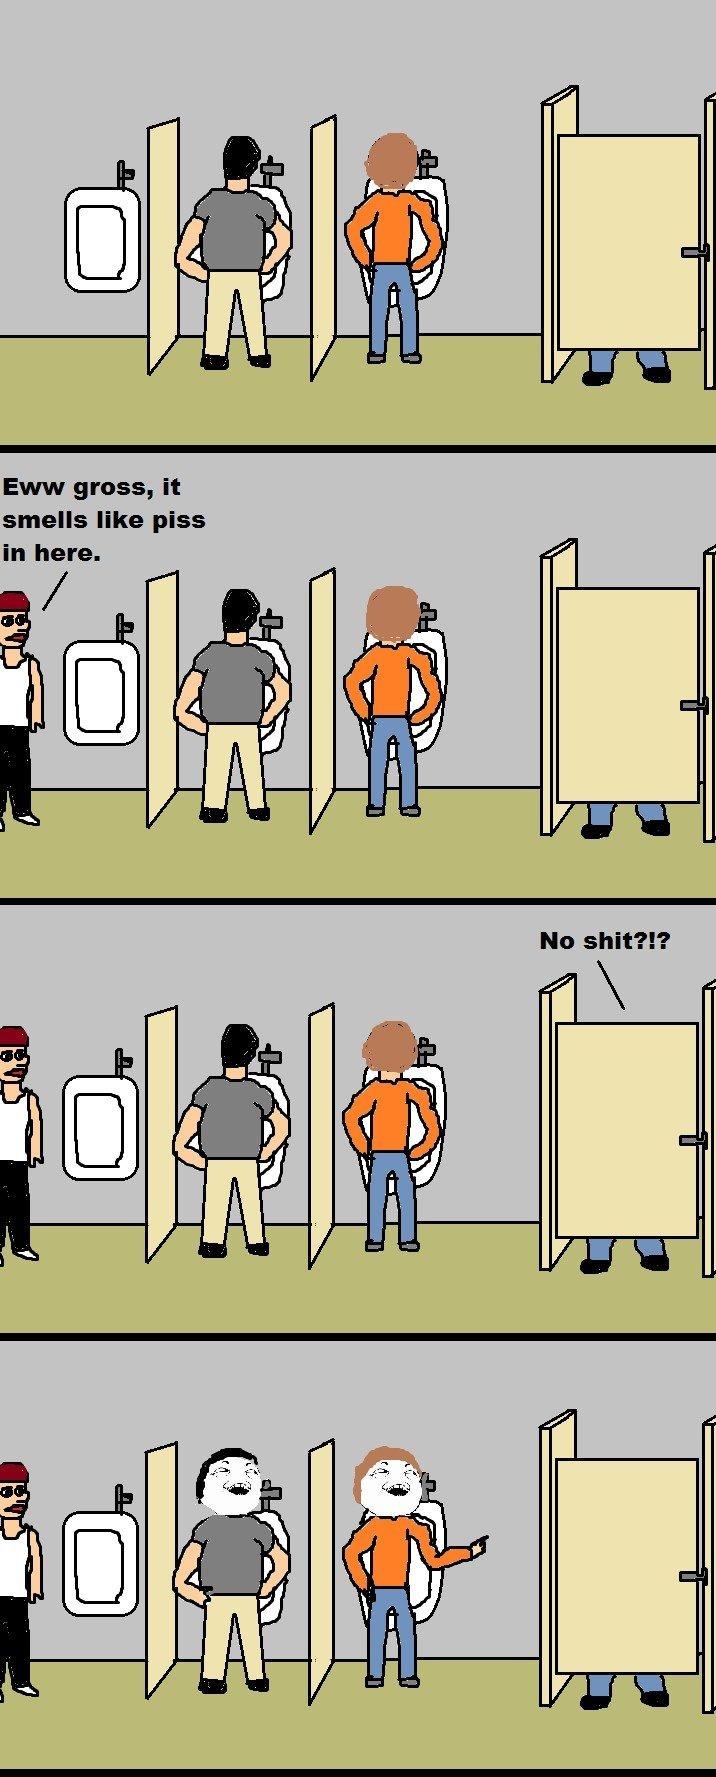 Bathroom puns. . Eww gross, it smells like piss. dafuq u just say about me u litl bitch?